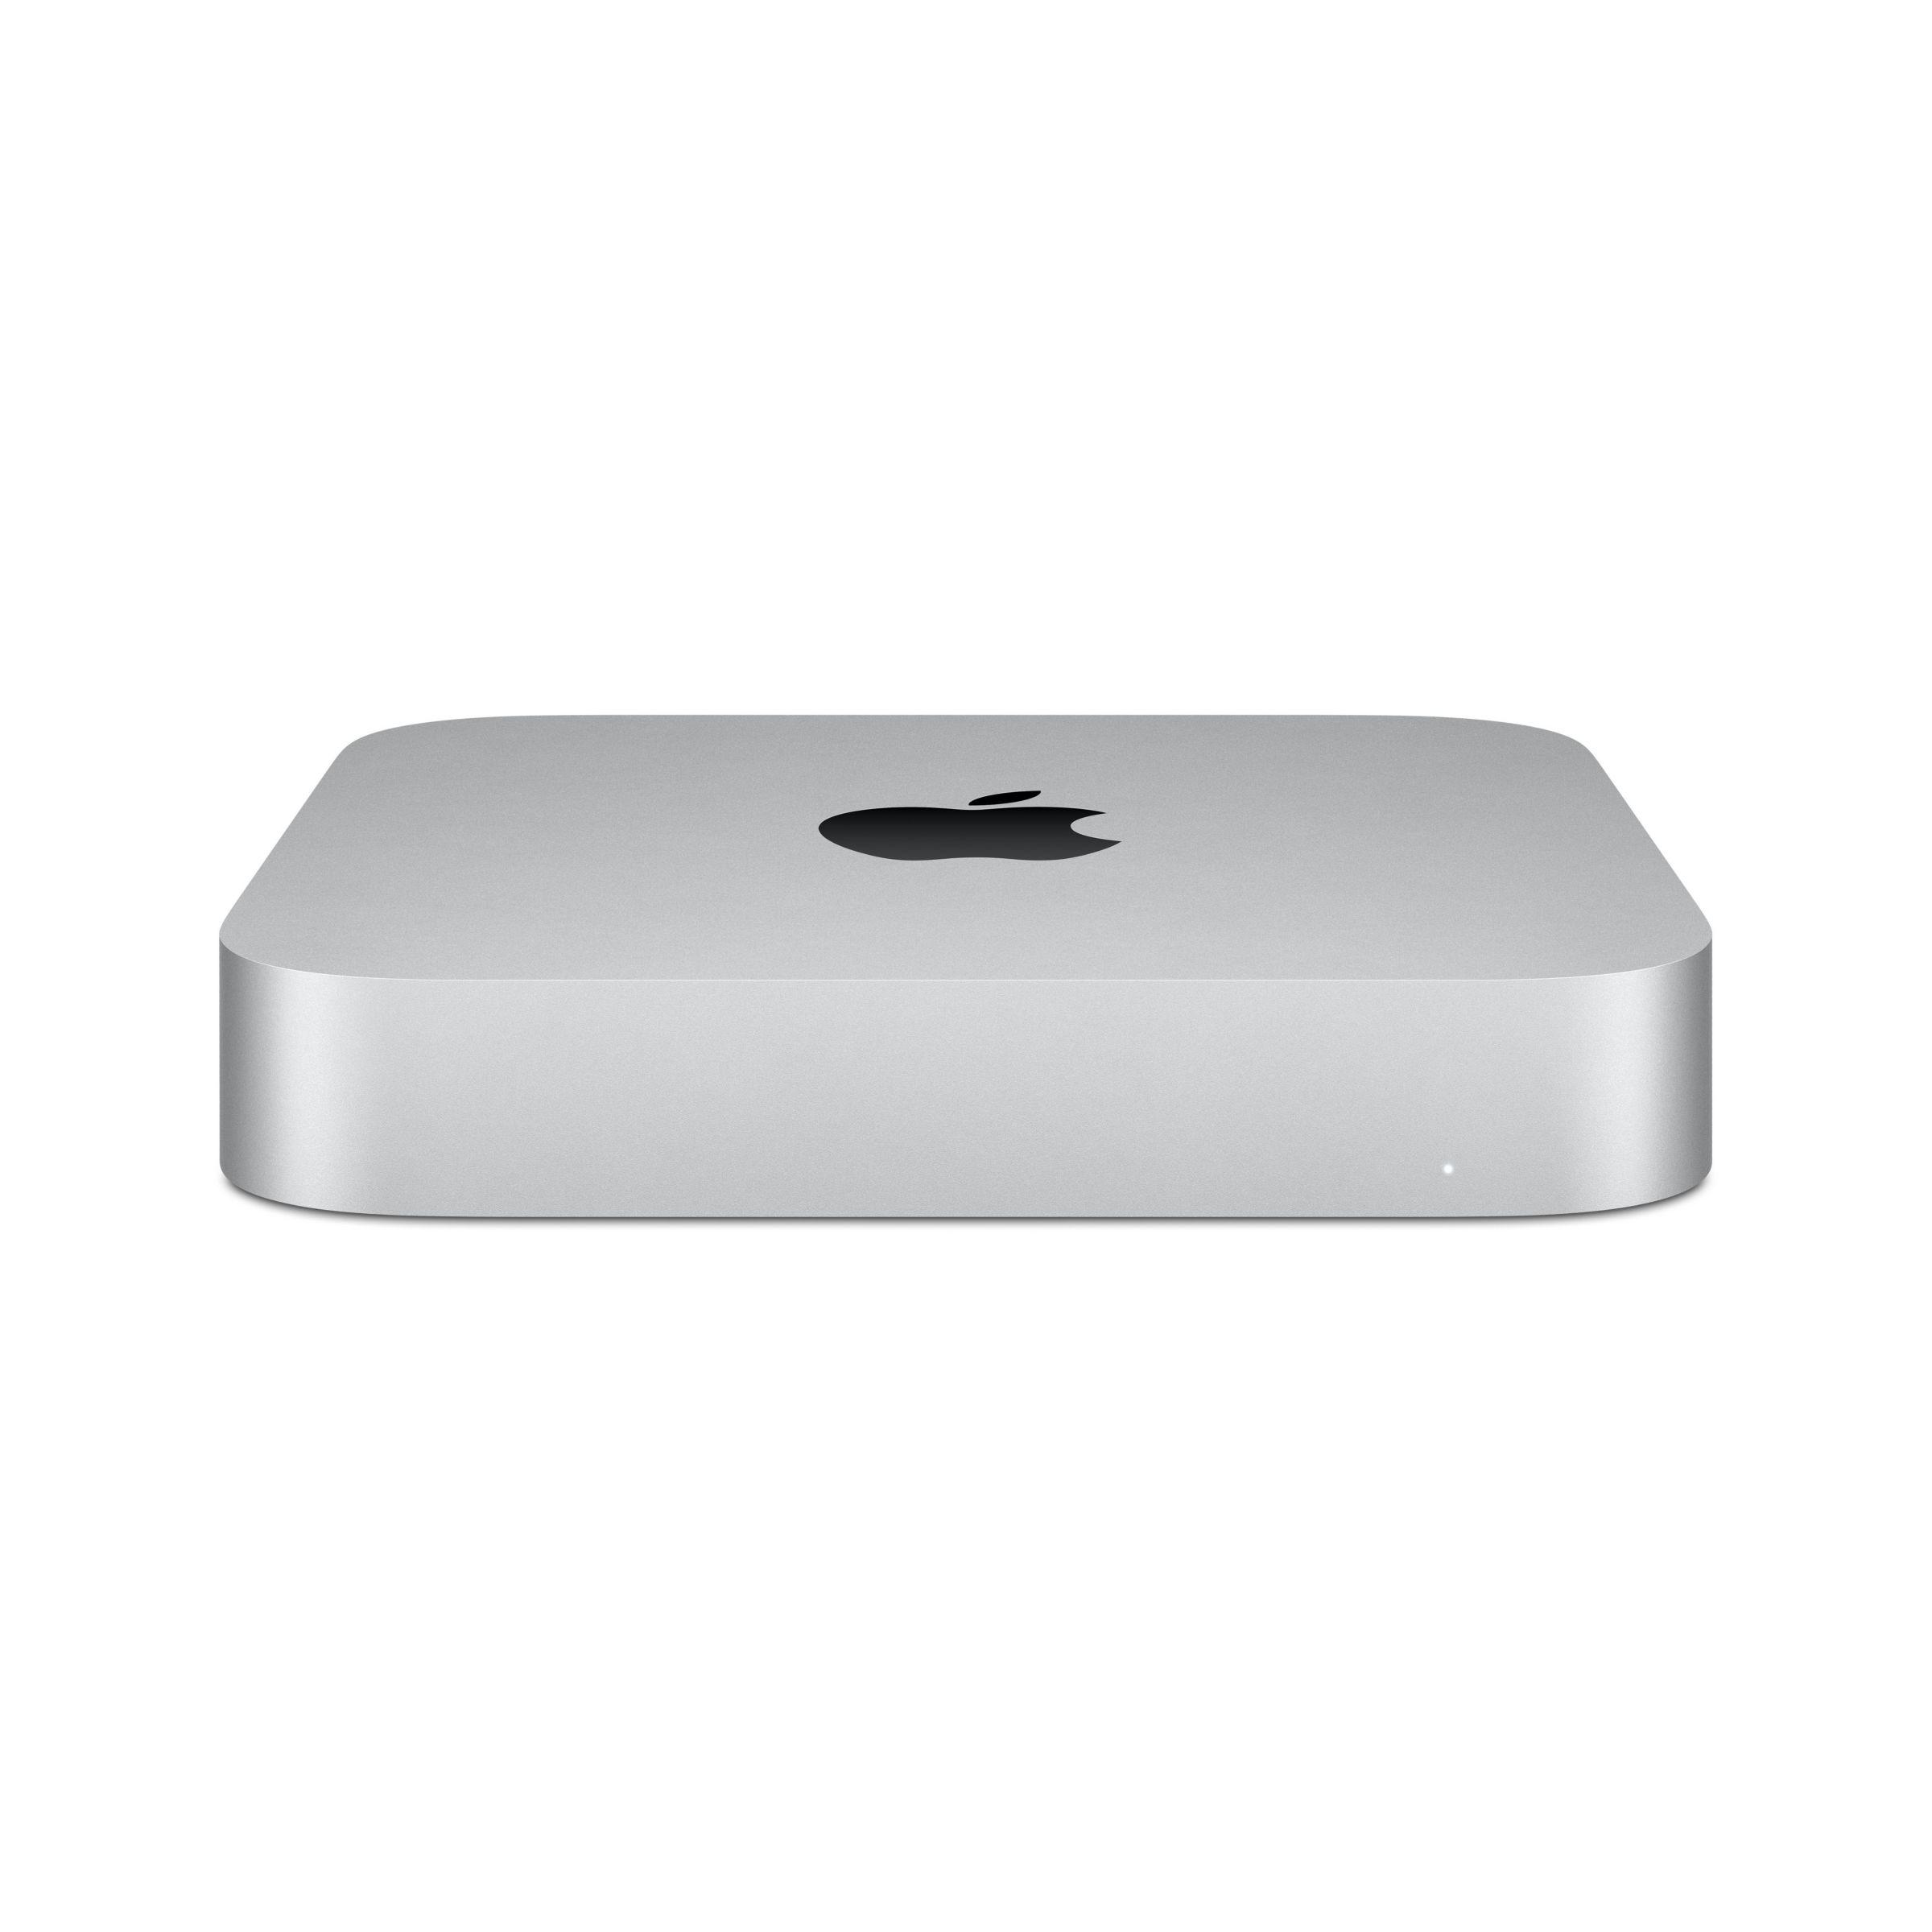 2020 Apple Mac mini Desktop Computer, M1 Processor, 8GB RAM, 512GB, Silver